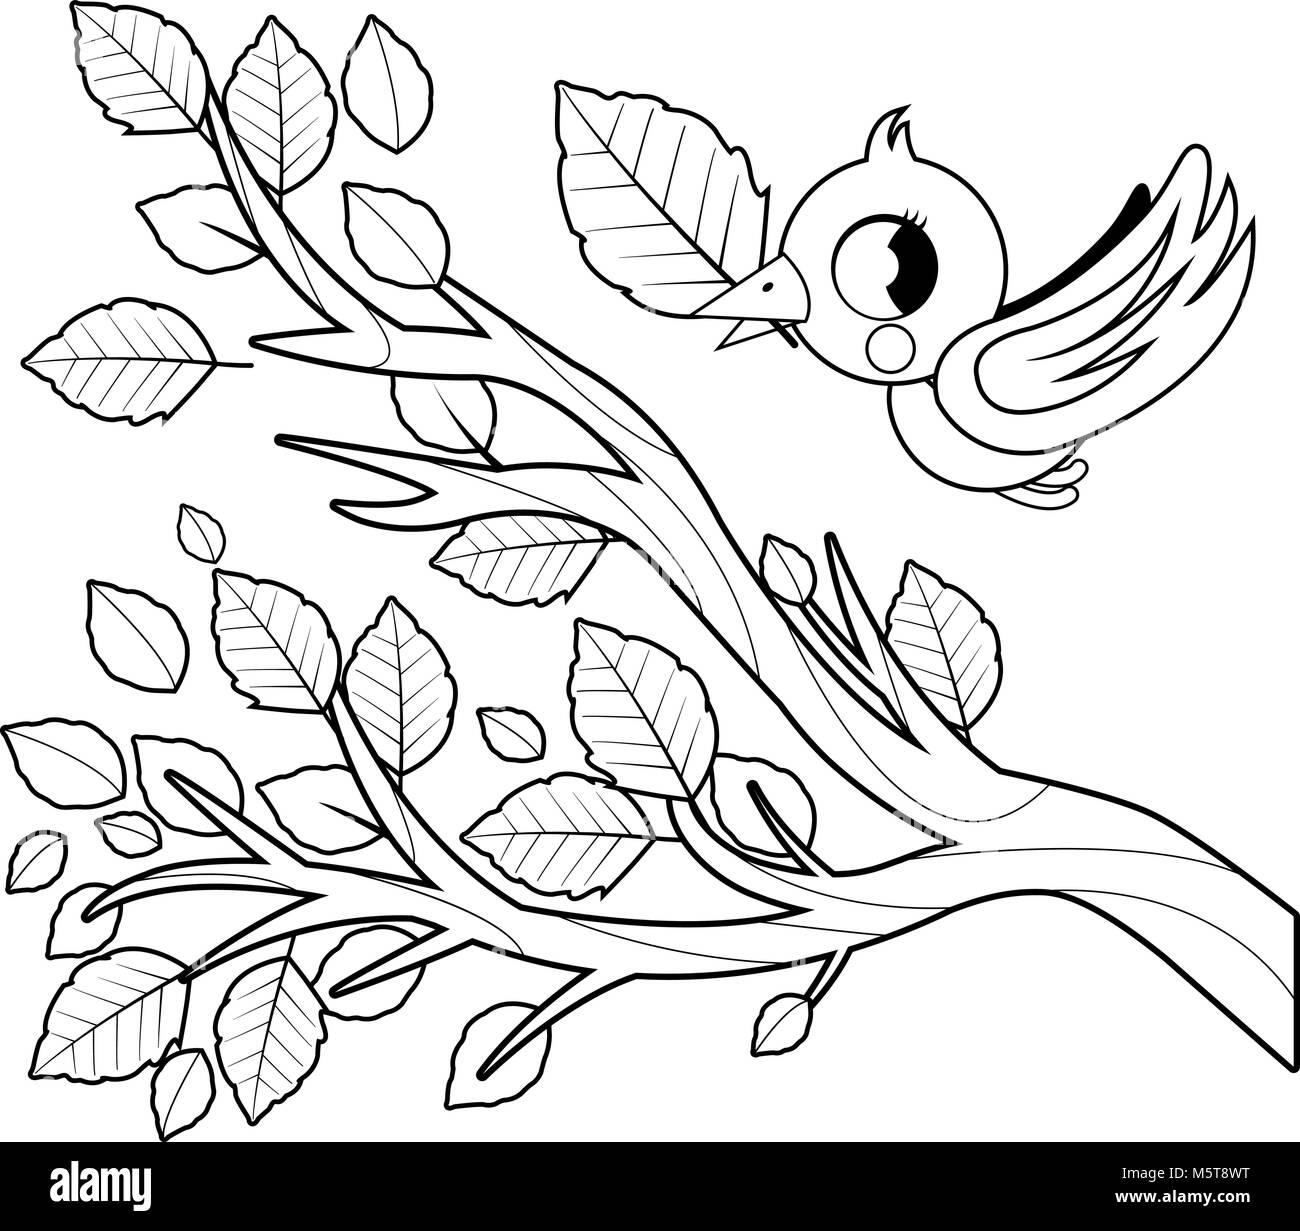 En El Otoño De Aves Volando Y La Rama De árbol Con Hojas